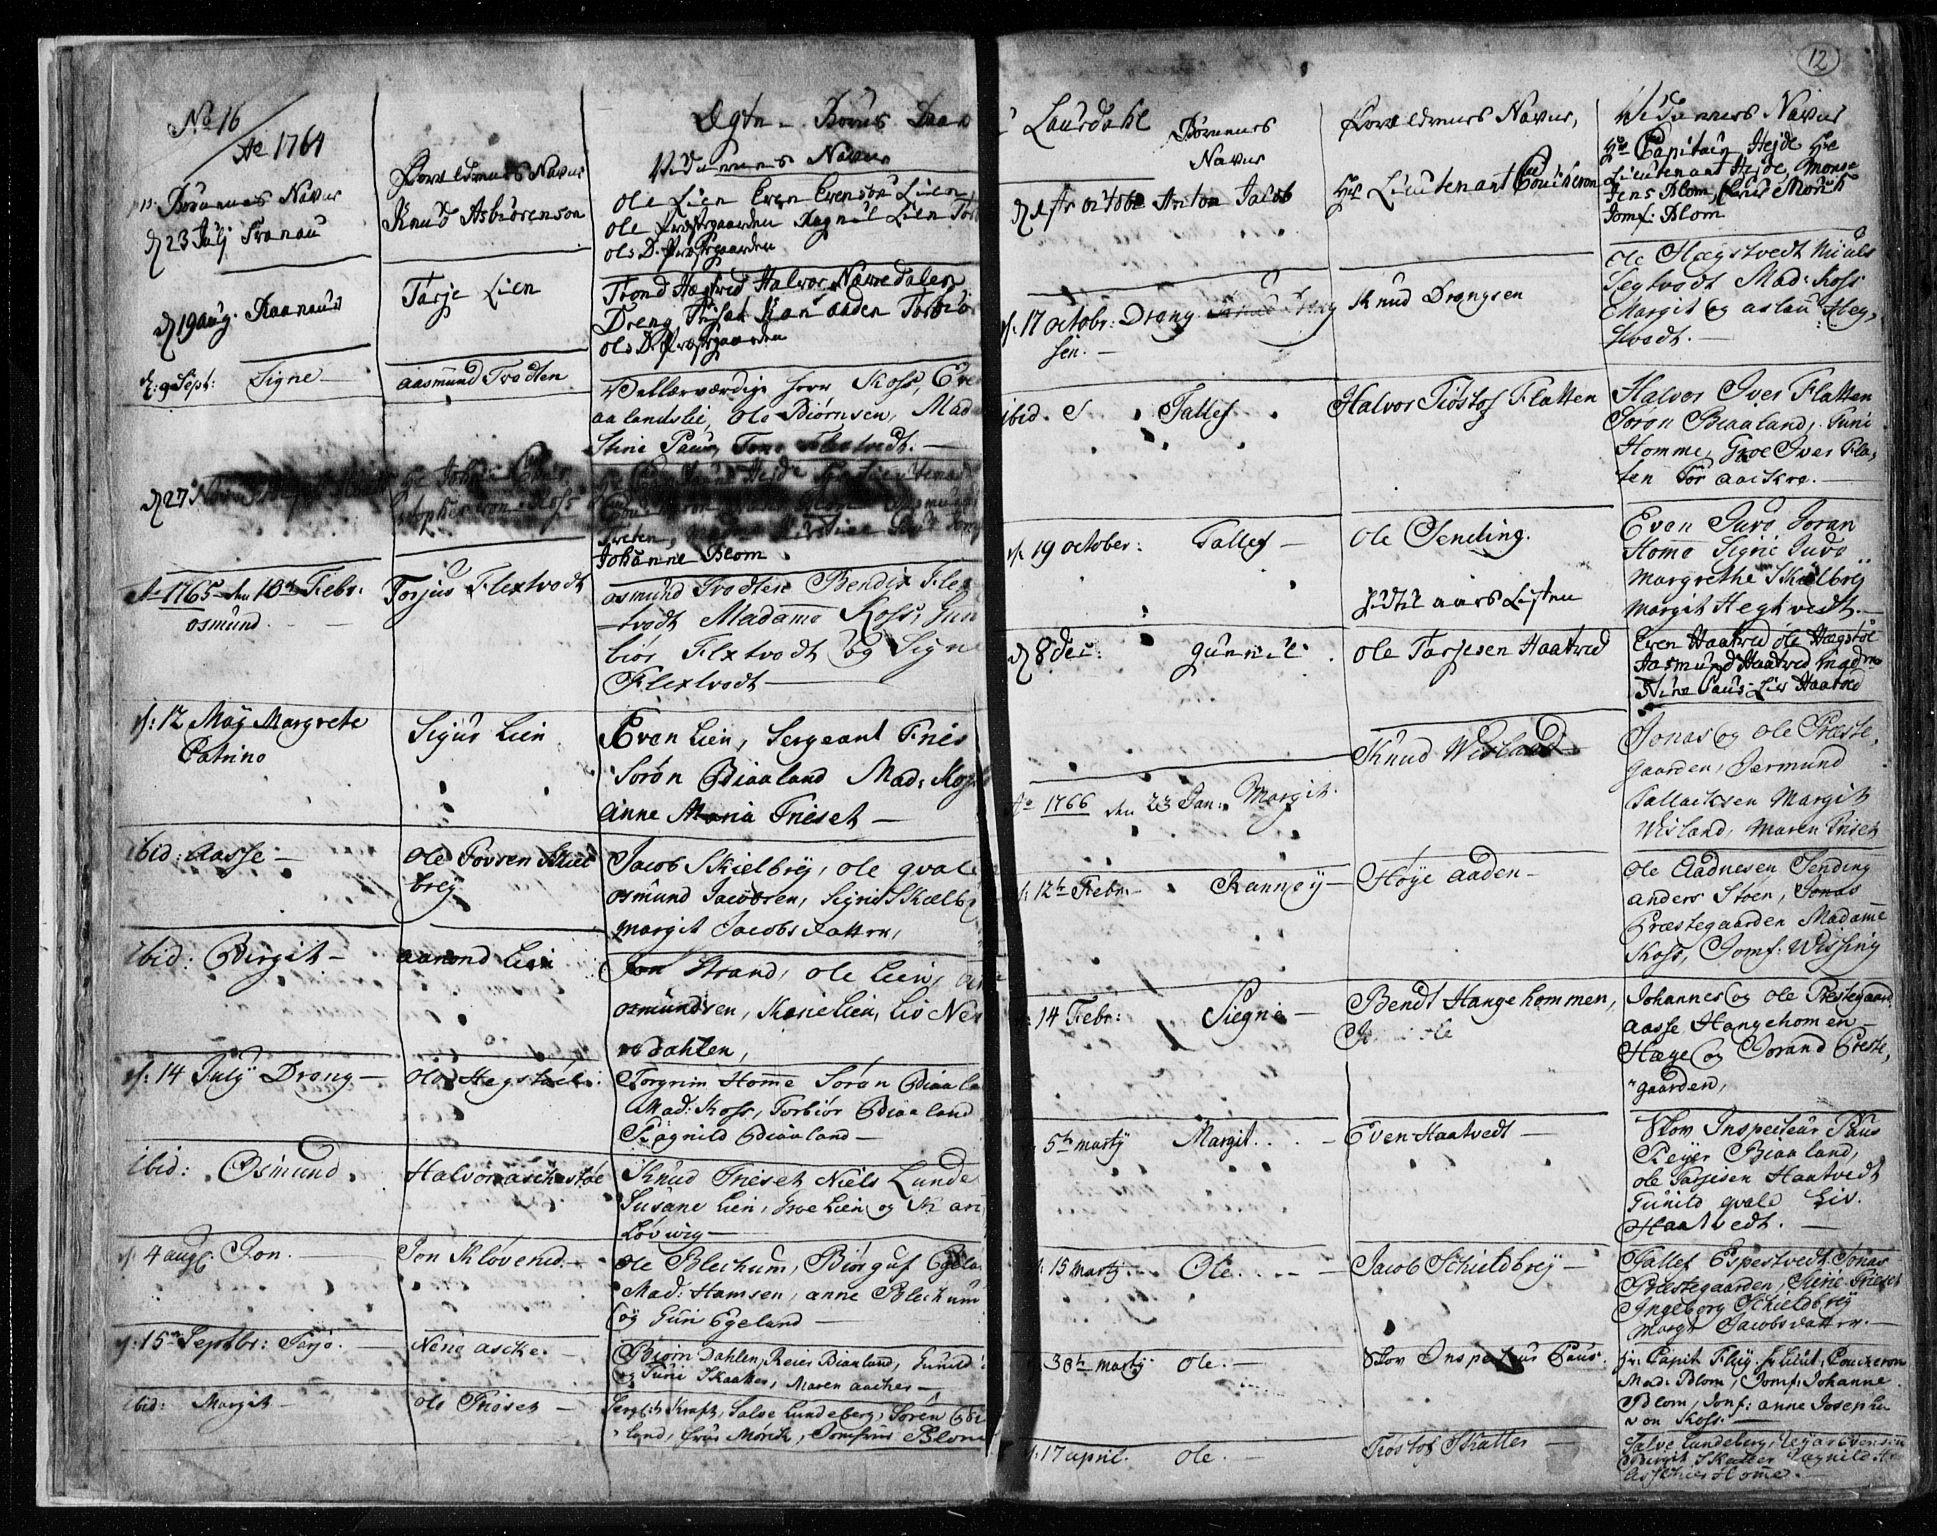 SAKO, Lårdal kirkebøker, F/Fa/L0003: Ministerialbok nr. I 3, 1754-1790, s. 12